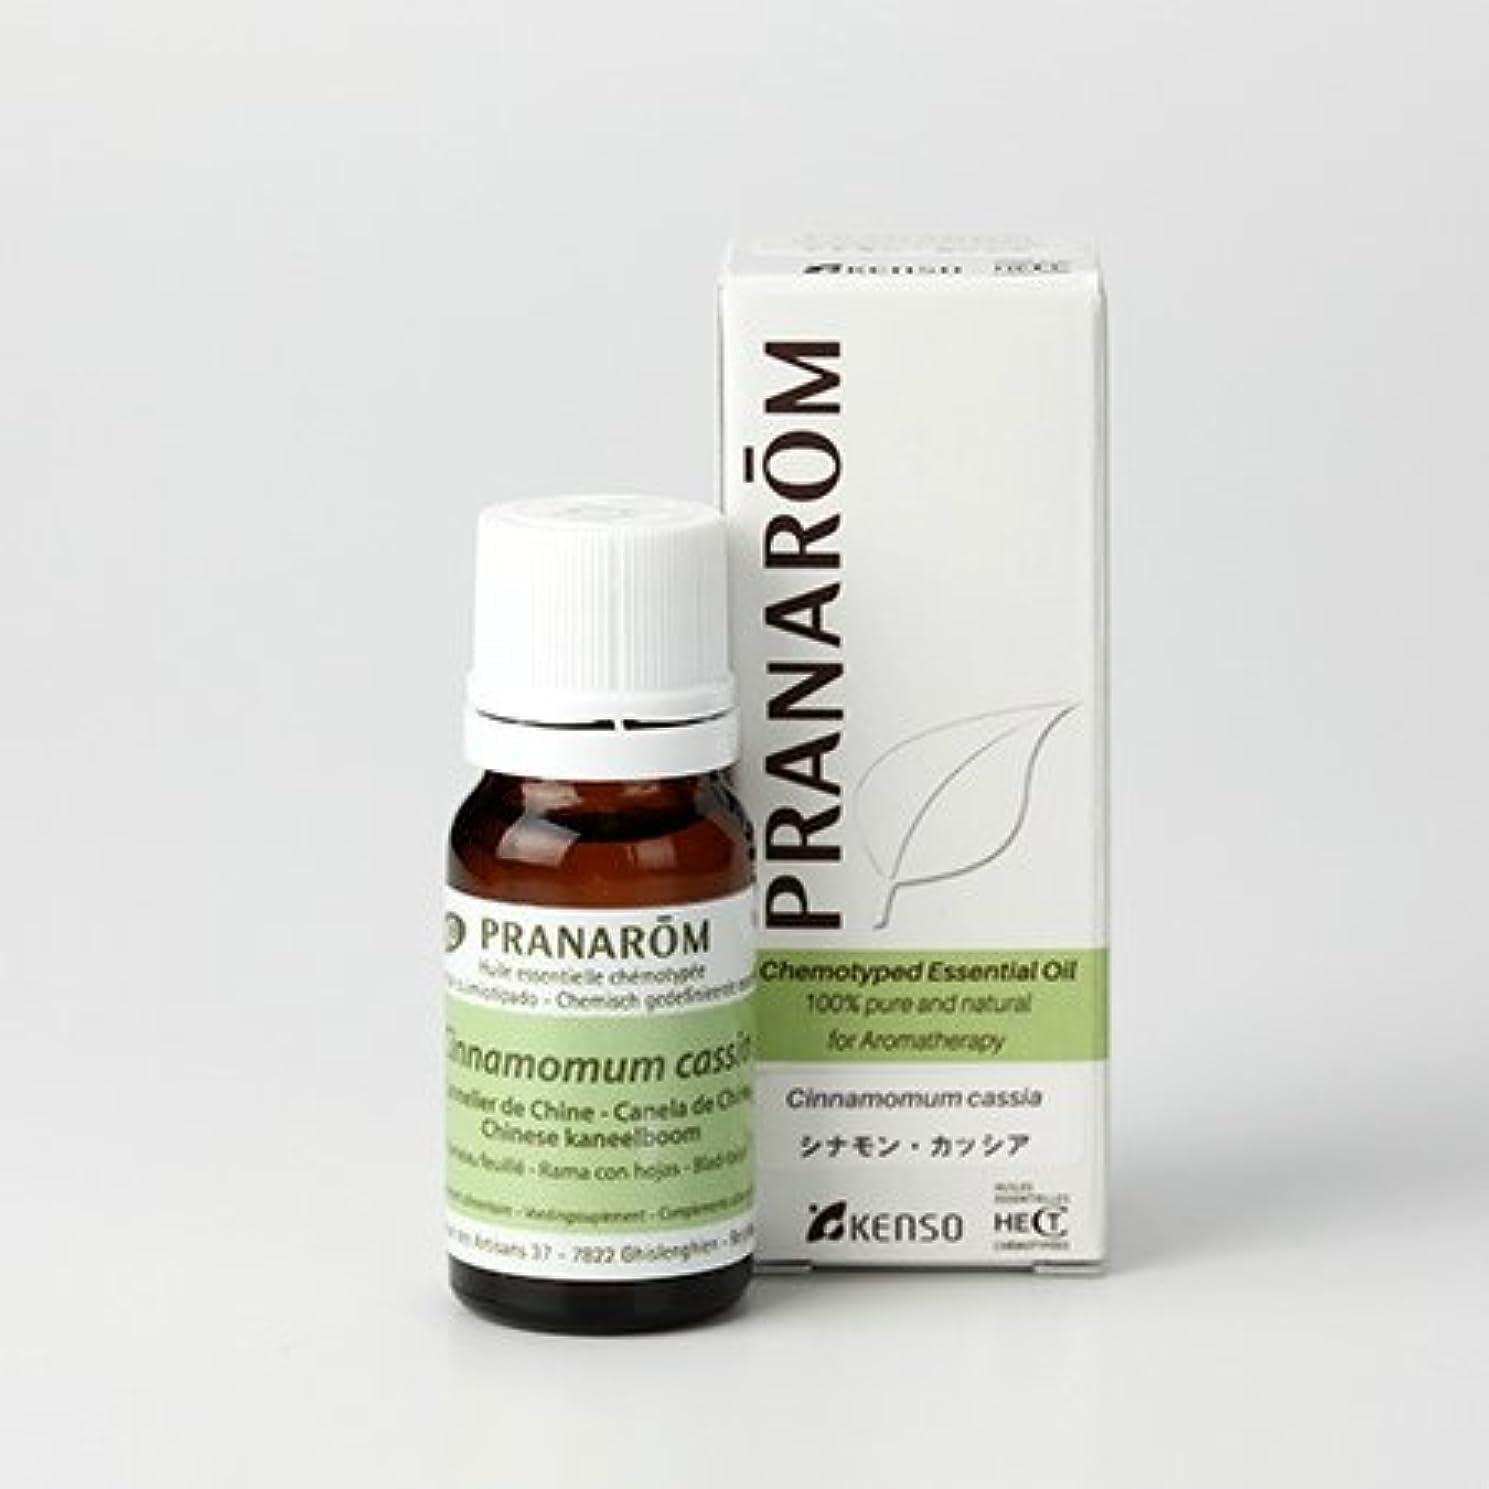 ダイヤル採用するこねるプラナロム シナモンカッシア 10ml (PRANAROM ケモタイプ精油)